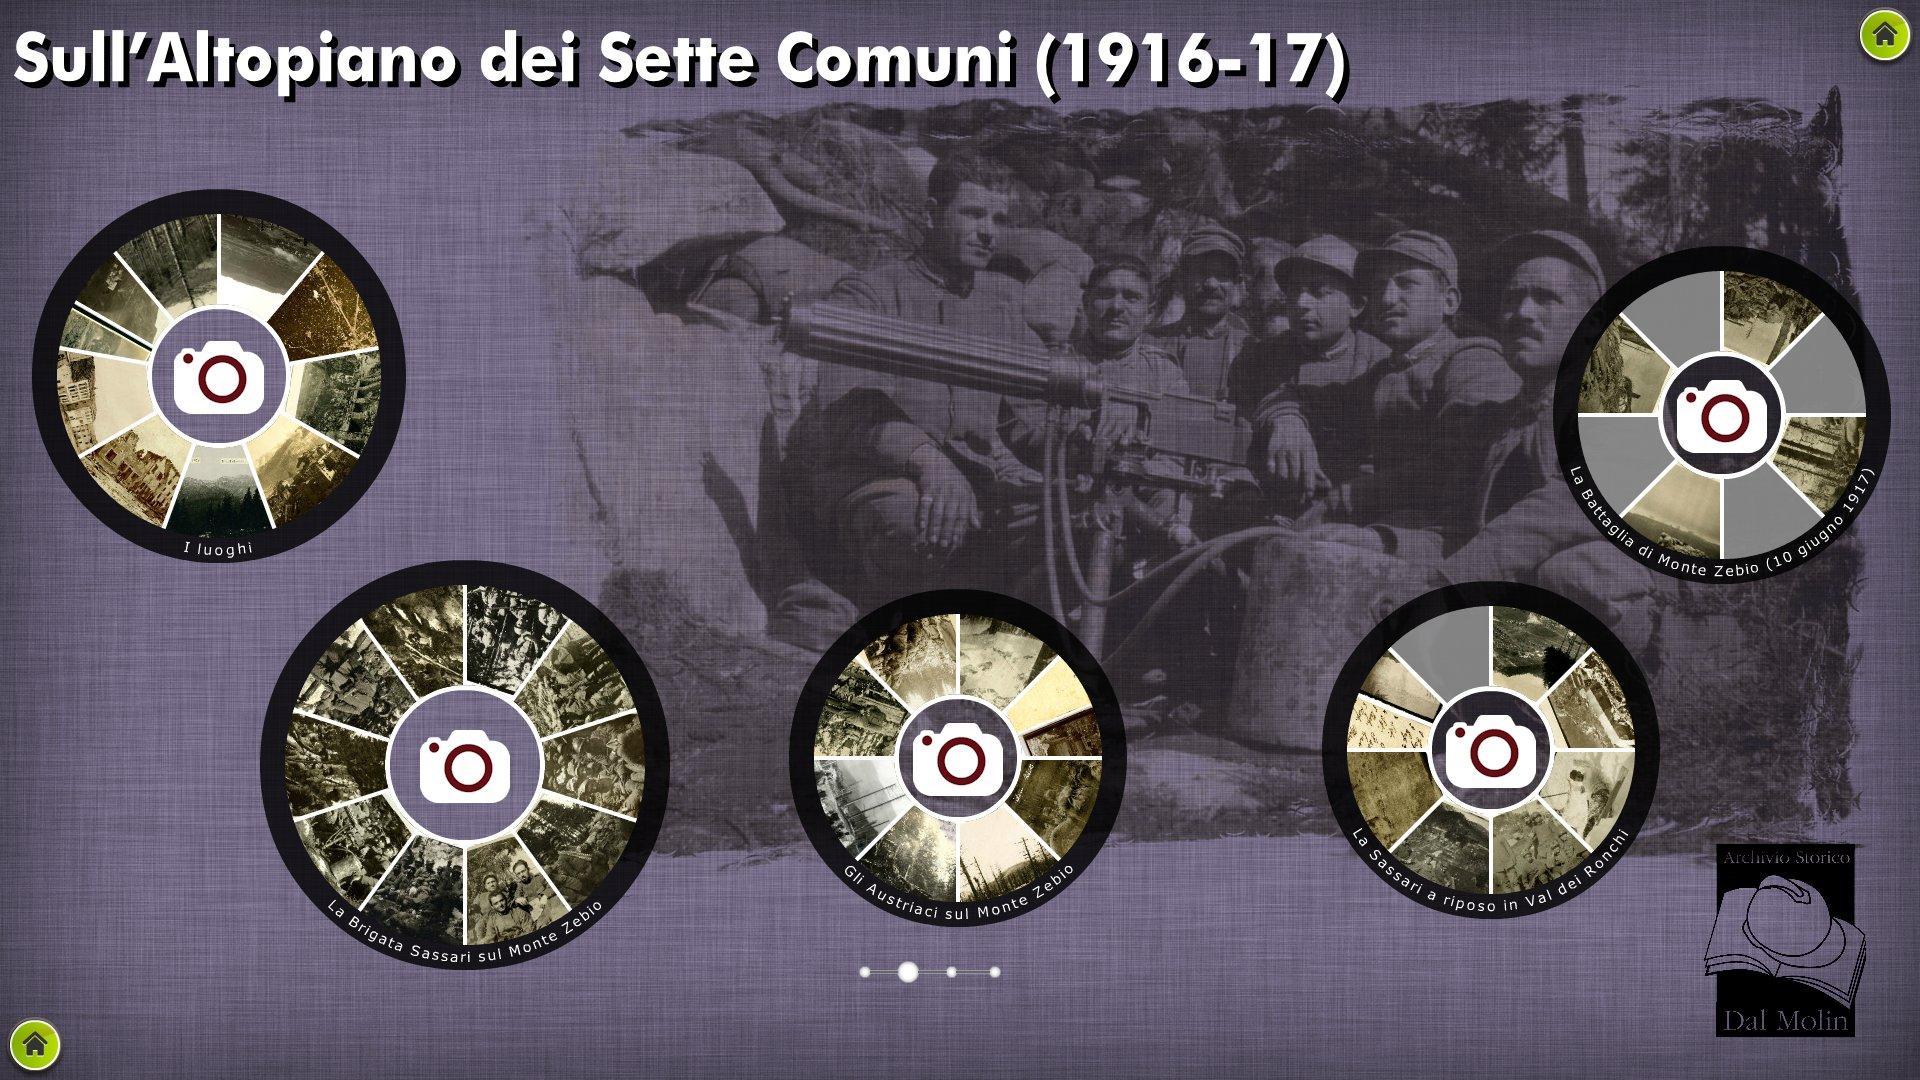 Altopiano Archivio Dal Molin.jpg